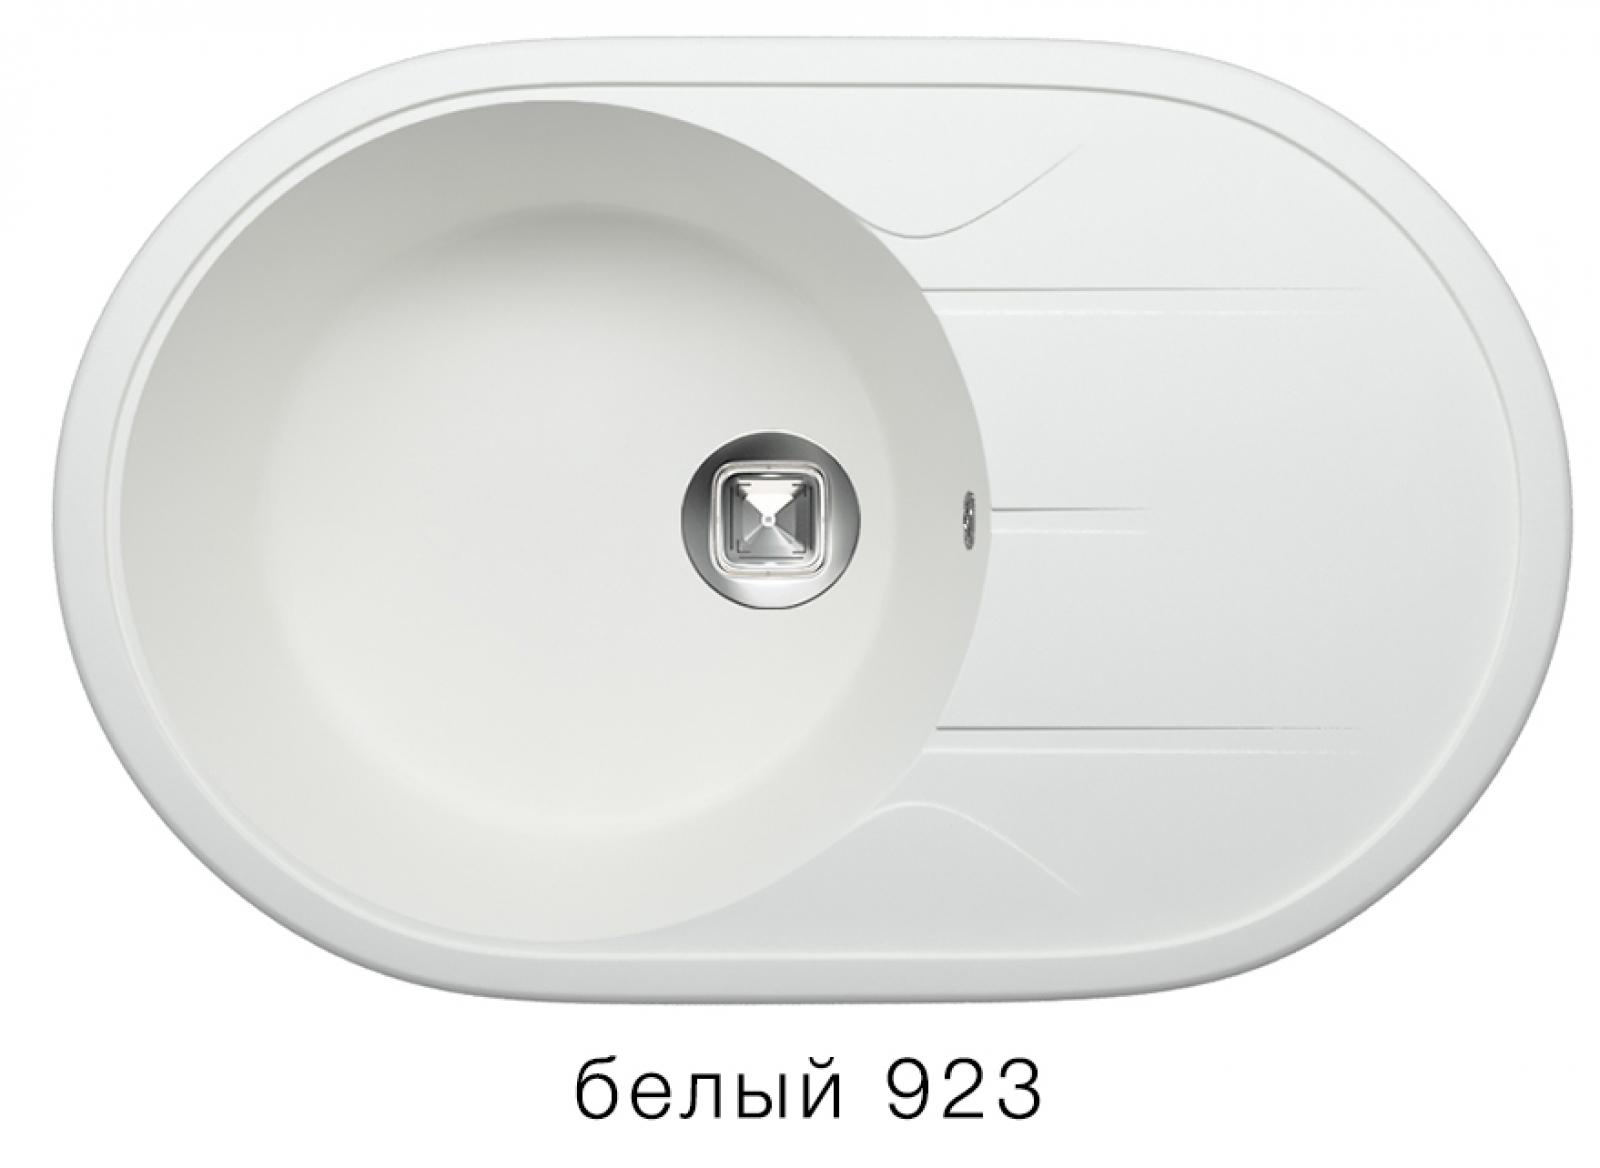 Мойка Tolero-R-116-923, цвет белый